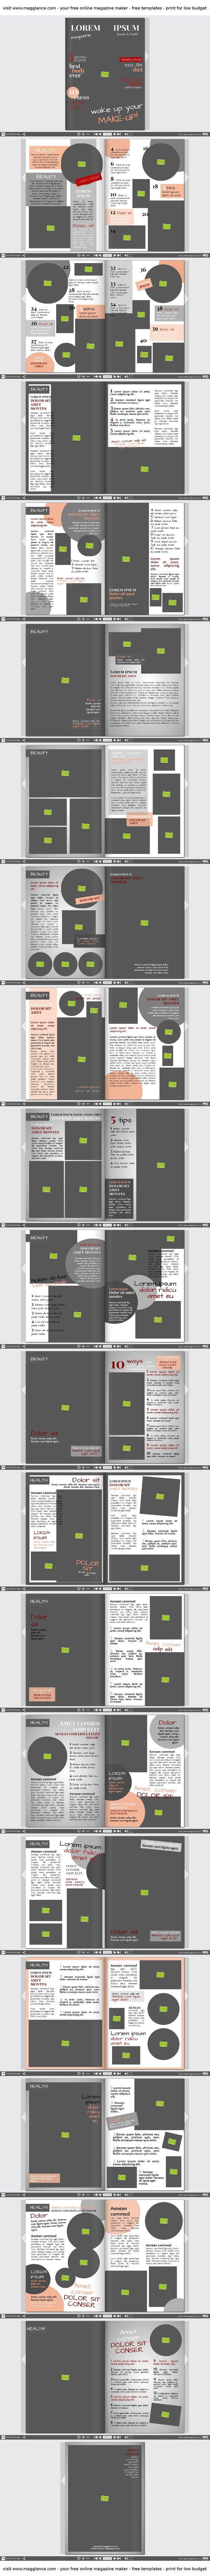 Créer gratuitement un journal en ligne et l'imprimer à petit prix en cliquant sur  https://fr.magglance.com/journal/creer-un-journal #journal #magazine #modèle #design #échantillon #exemple #Template #façonner #créer #cadeau #mise en page #idée